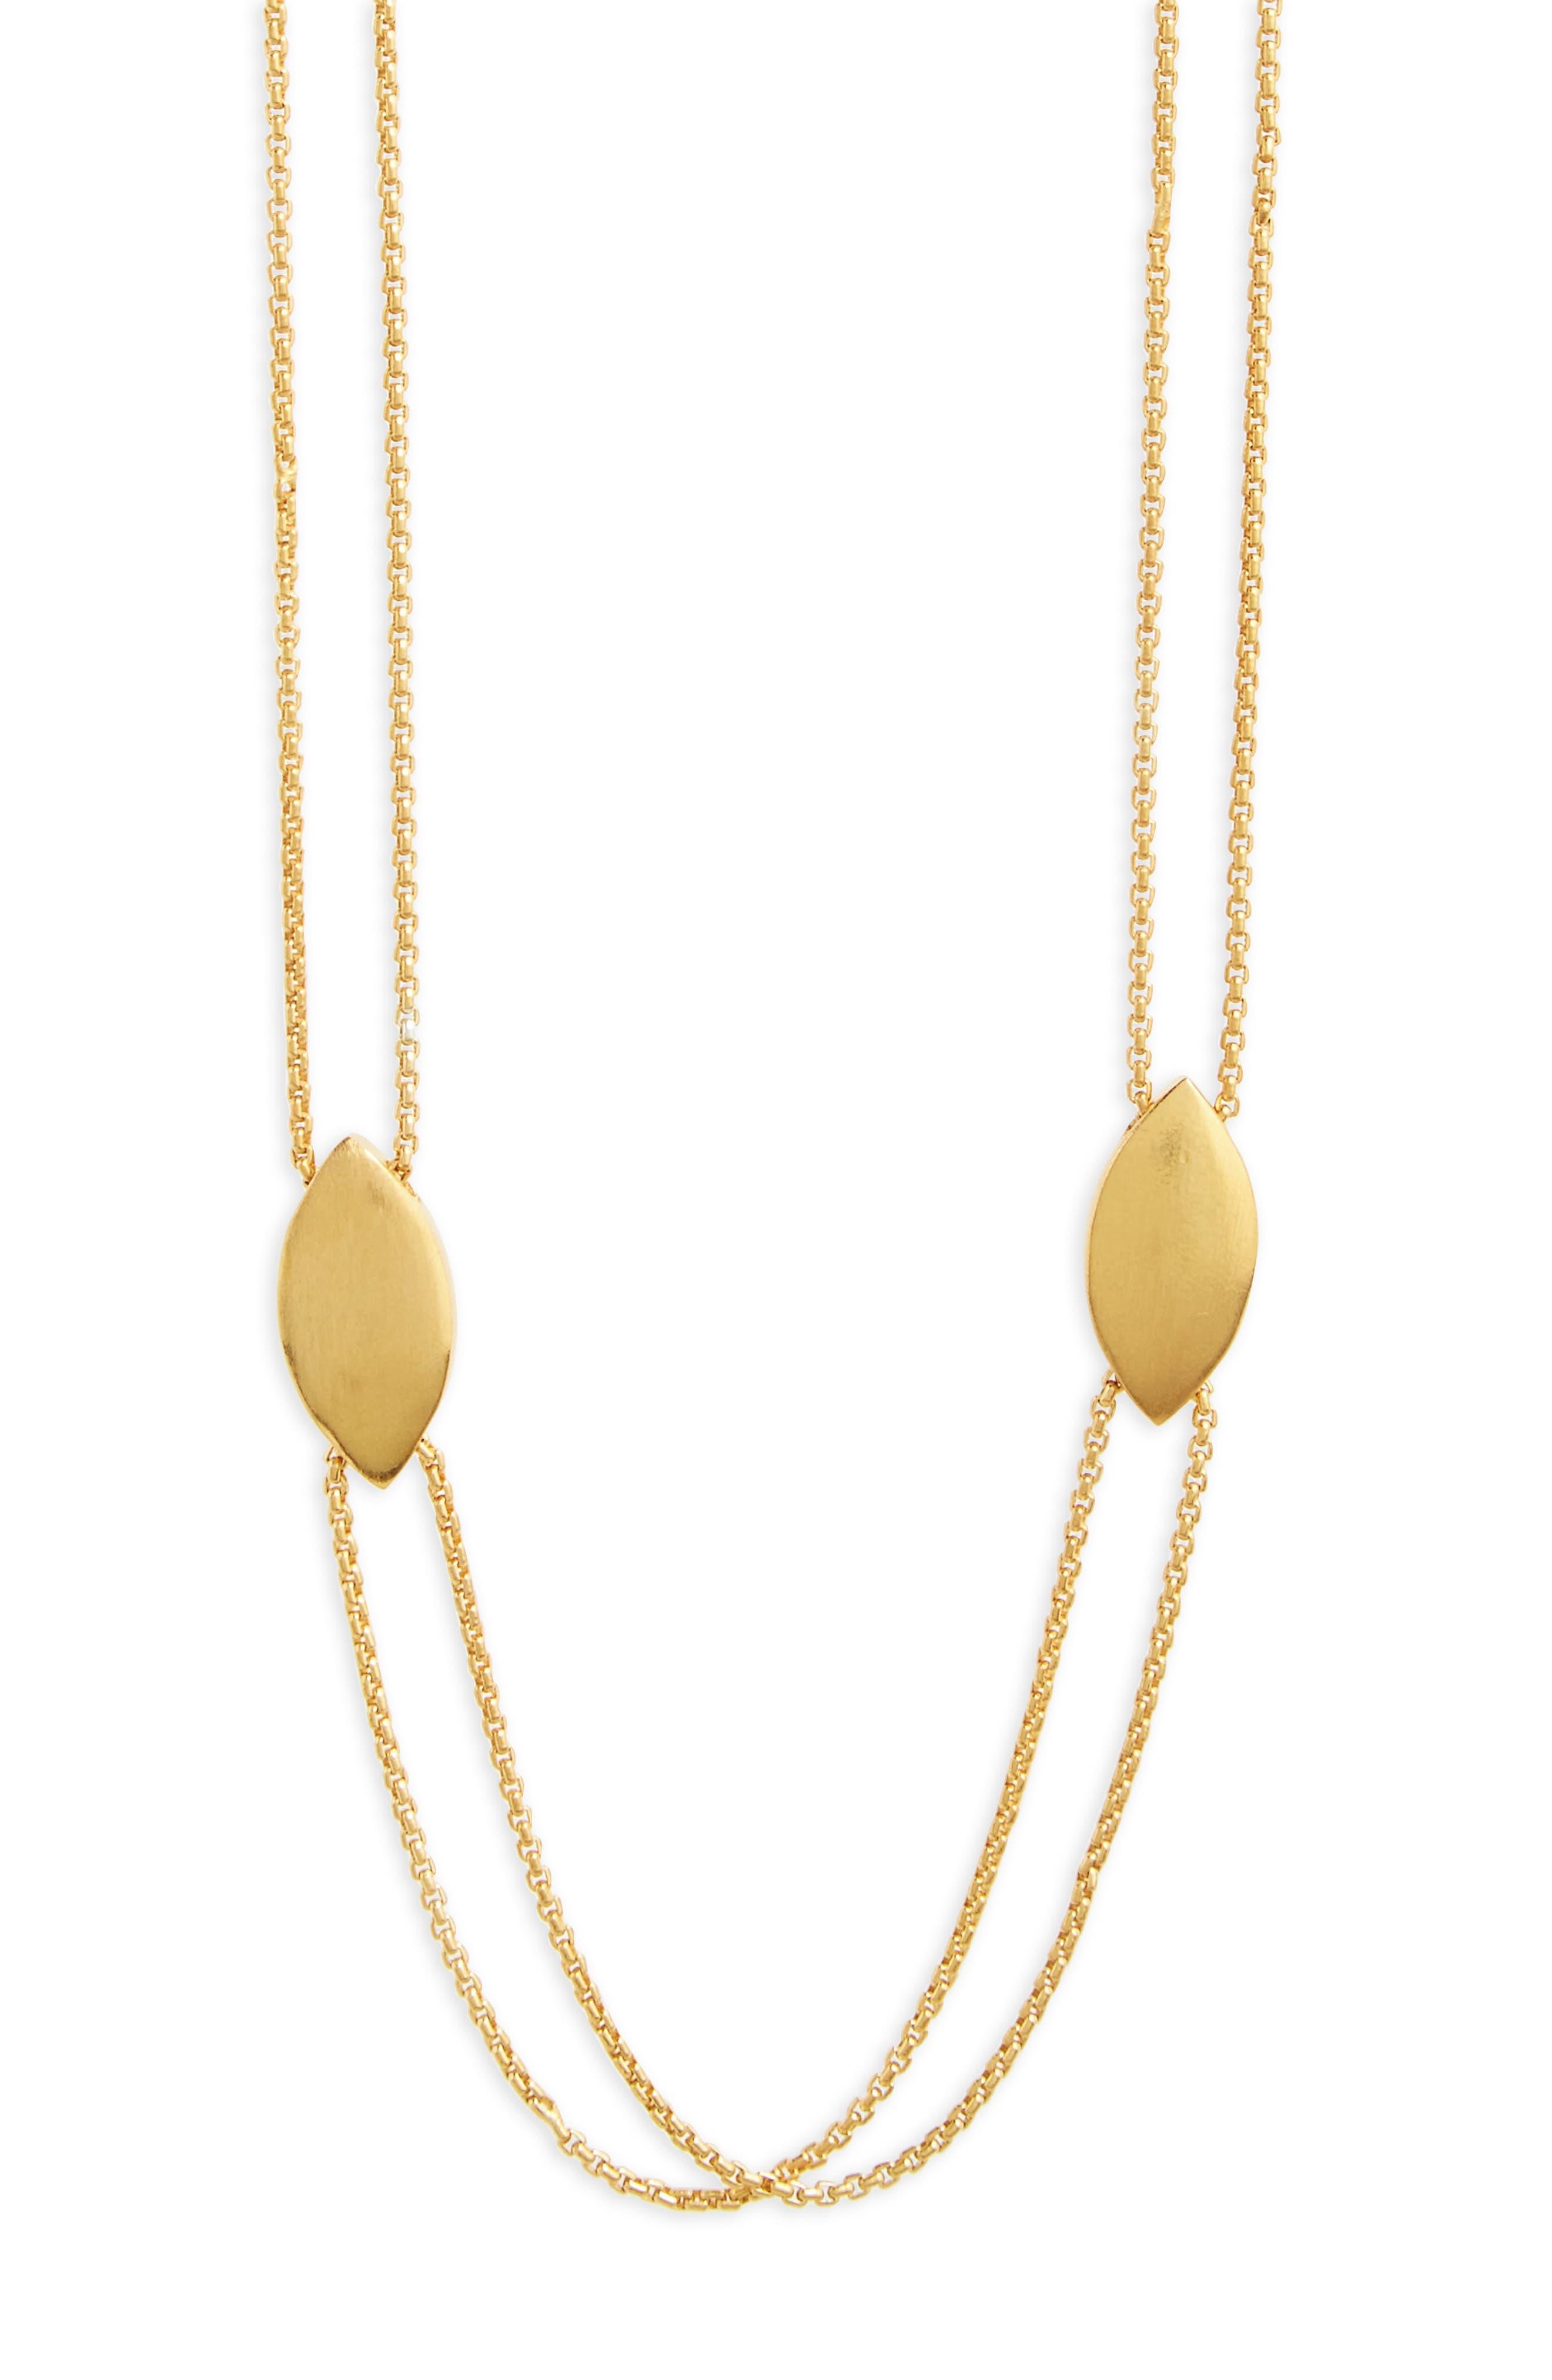 Taj Charm Necklace,                             Alternate thumbnail 2, color,                             Gold